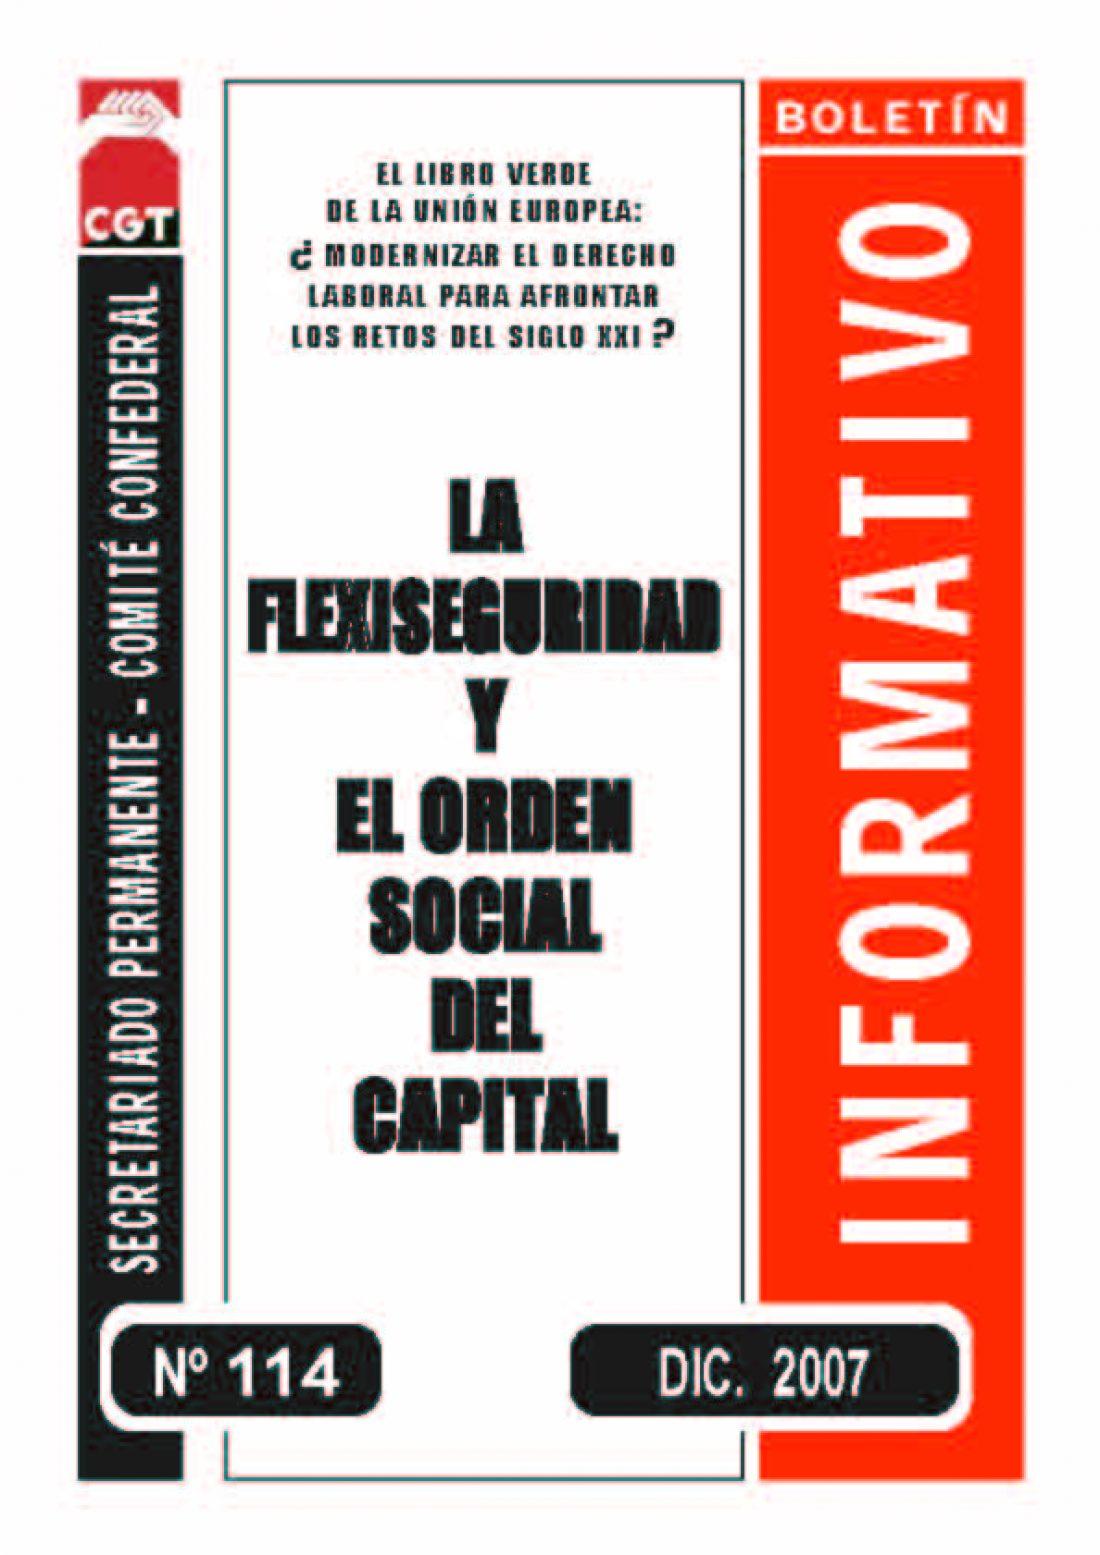 114. La Flexiseguridad y el orden social del capital